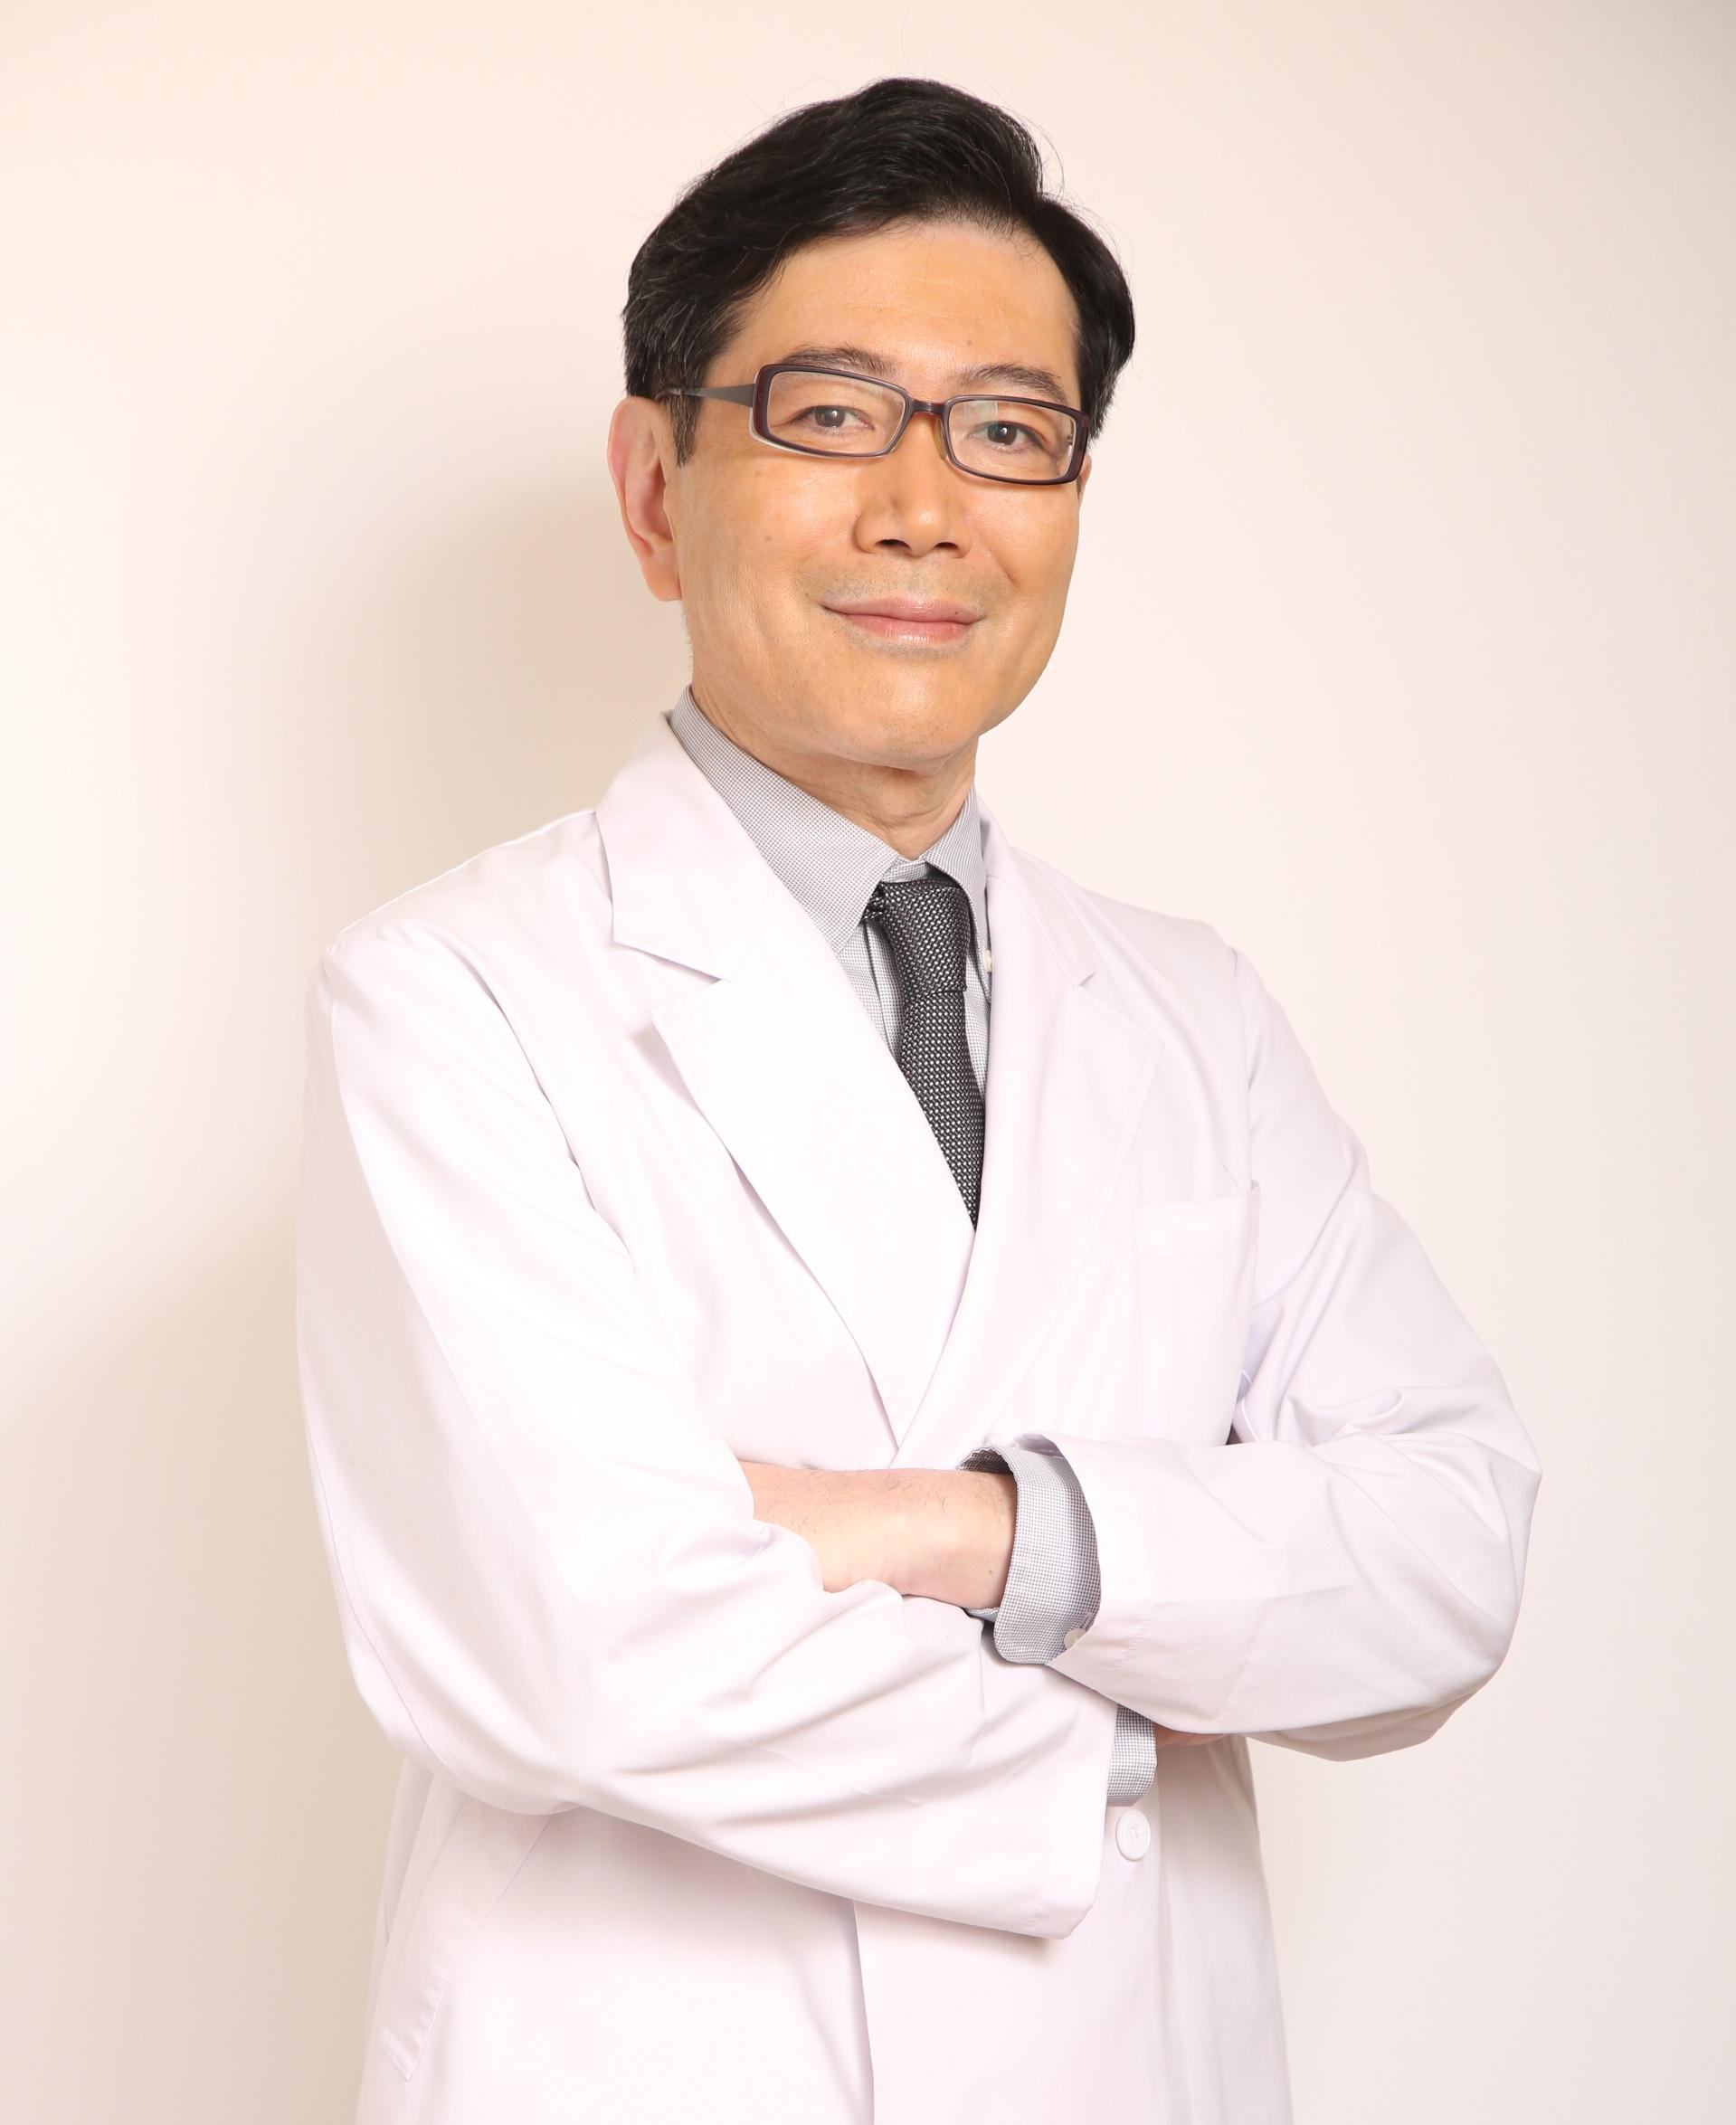 渋谷DSクリニック 林博之院長